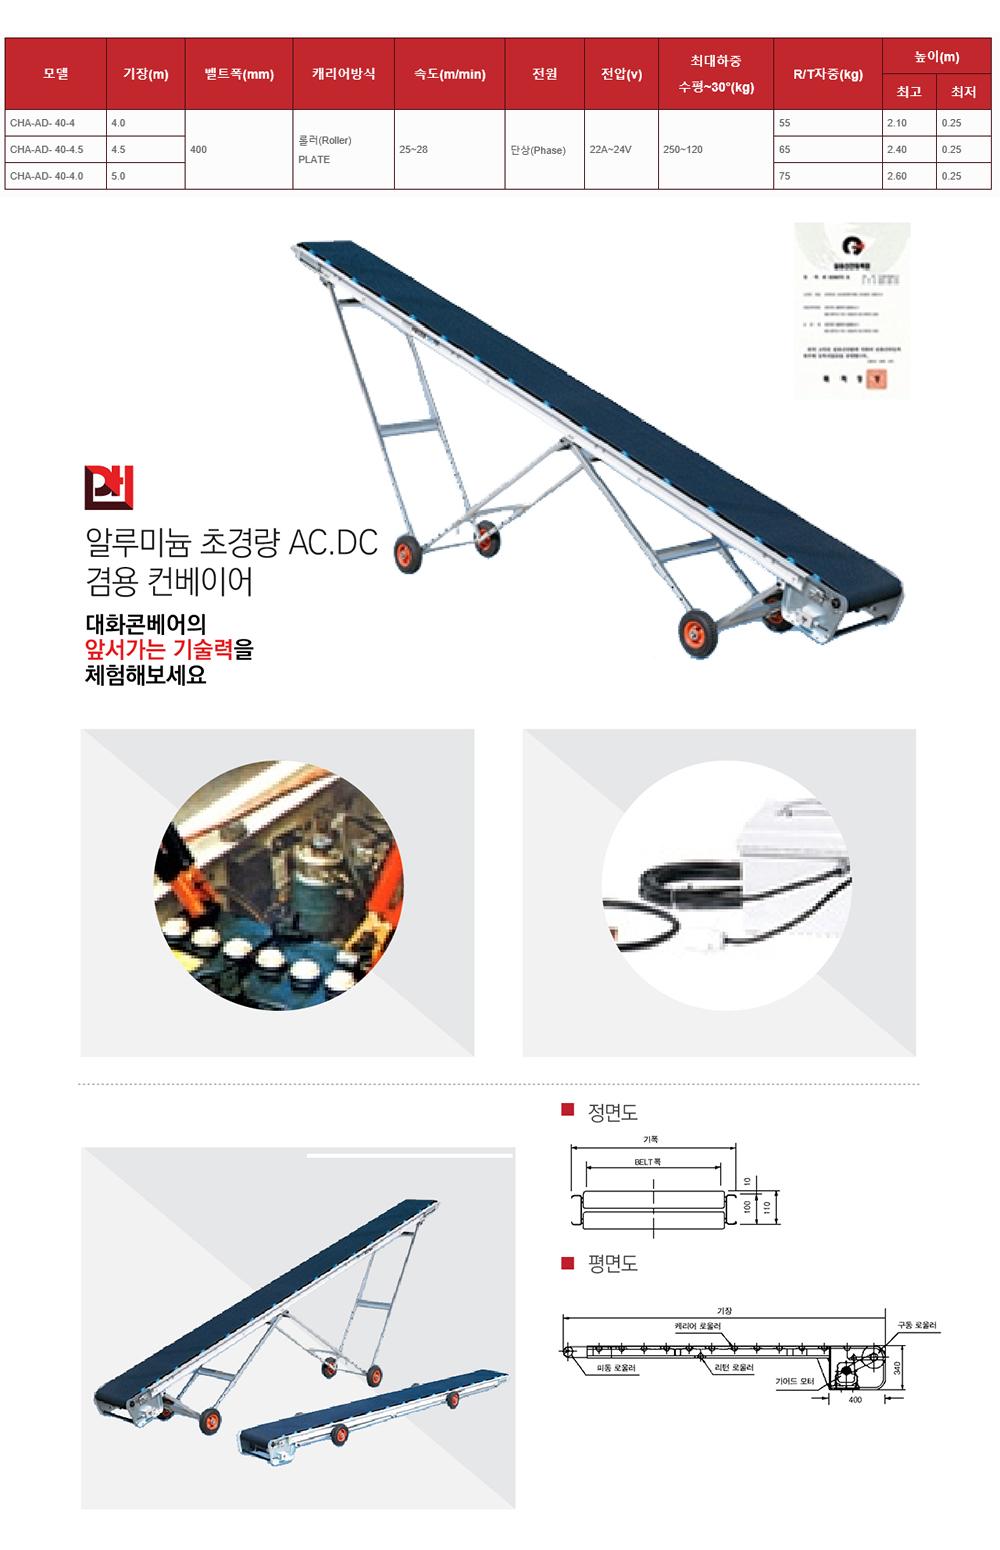 (주)대화콘베어 알루미늄 초경량 AC.DC 겸용 컨베이어 CHA-AD-40-Series